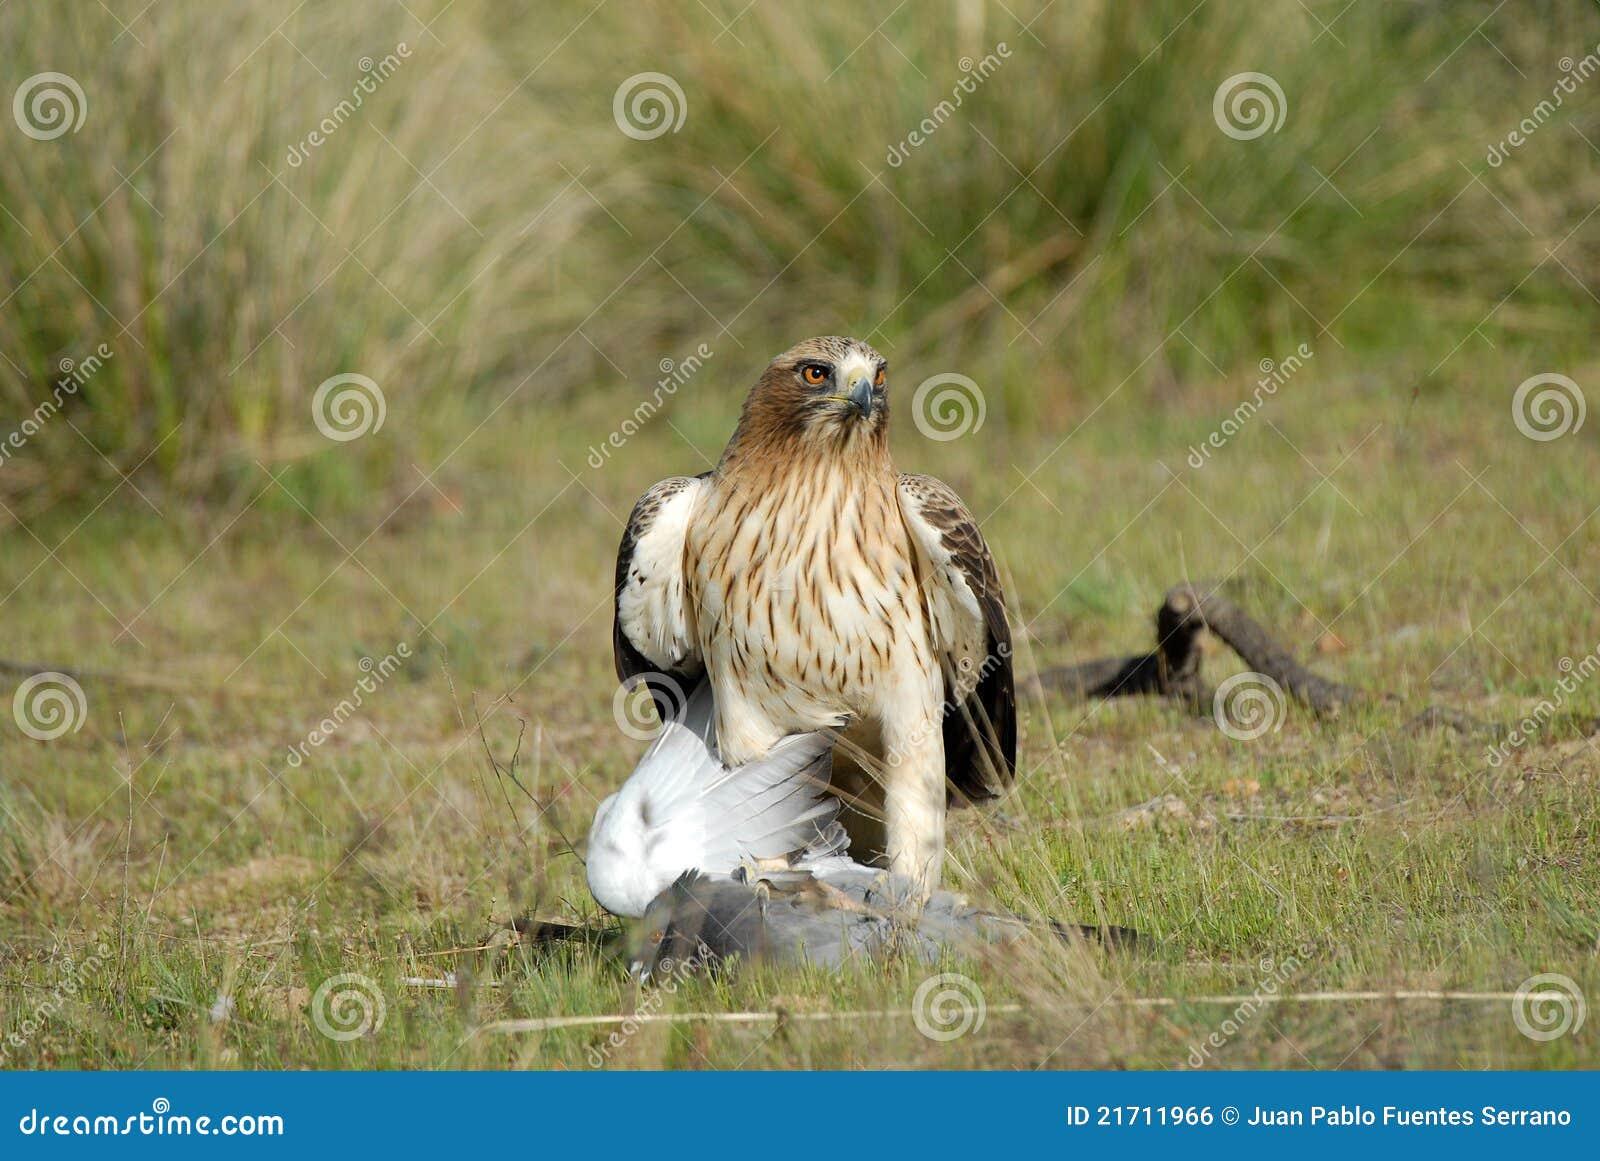 Aufgeladener Adler mit einer Taube